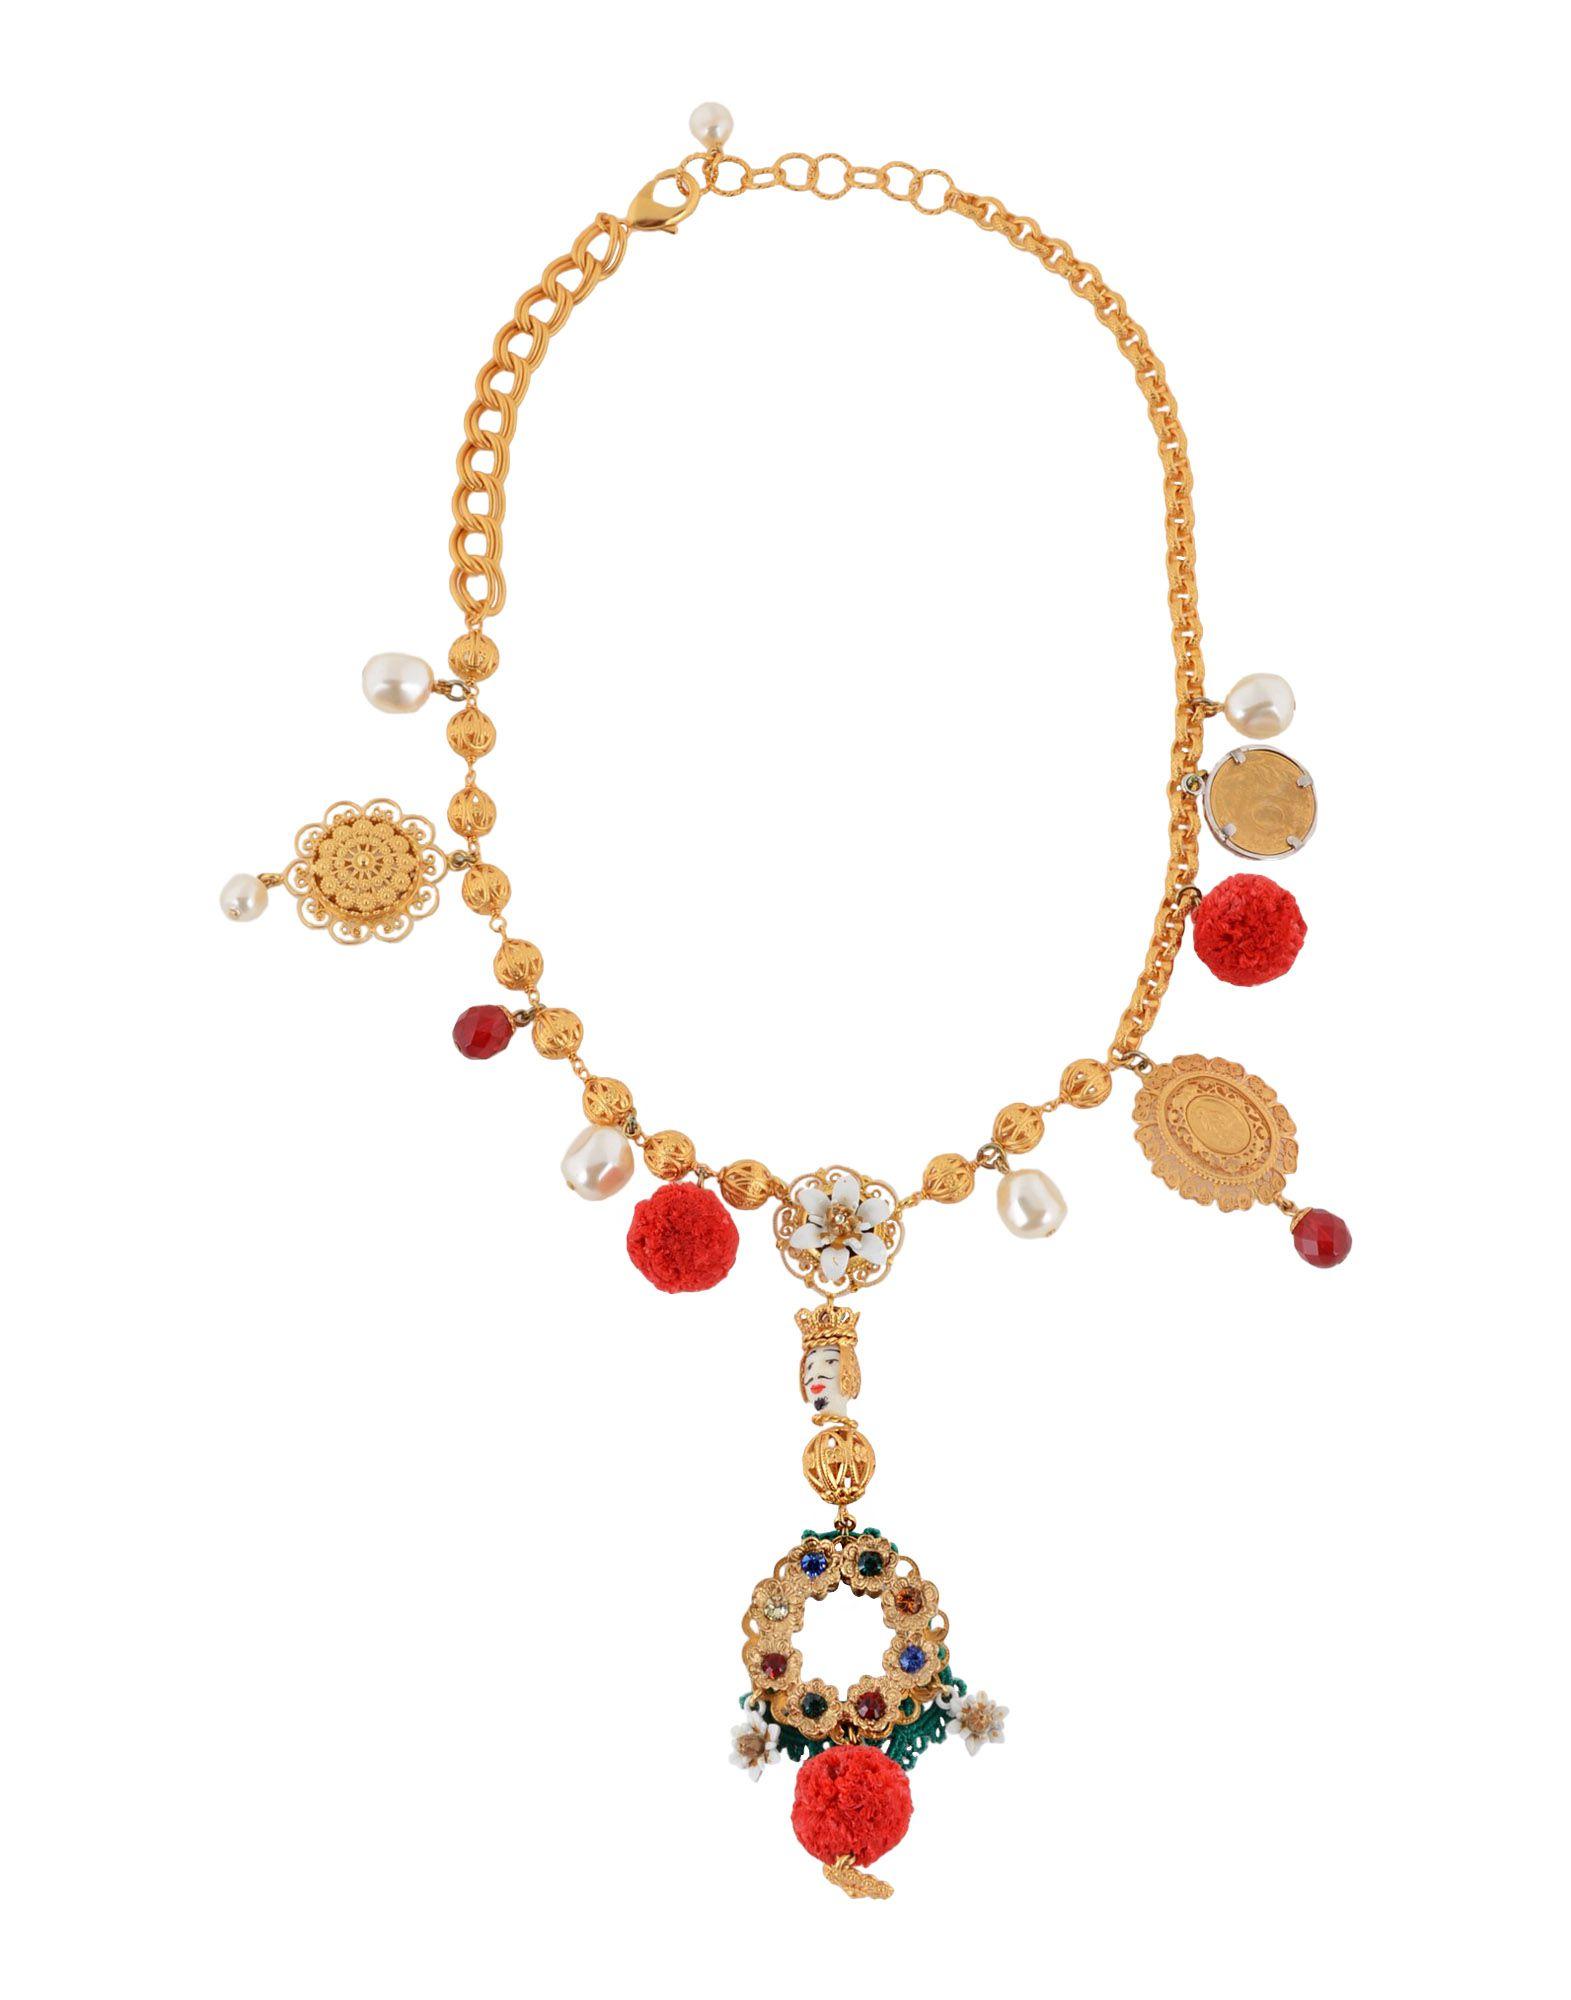 《セール開催中》DOLCE & GABBANA レディース ネックレス ゴールド 真鍮/ブラス / ラフィア / コットン / クリスタル / ガラス